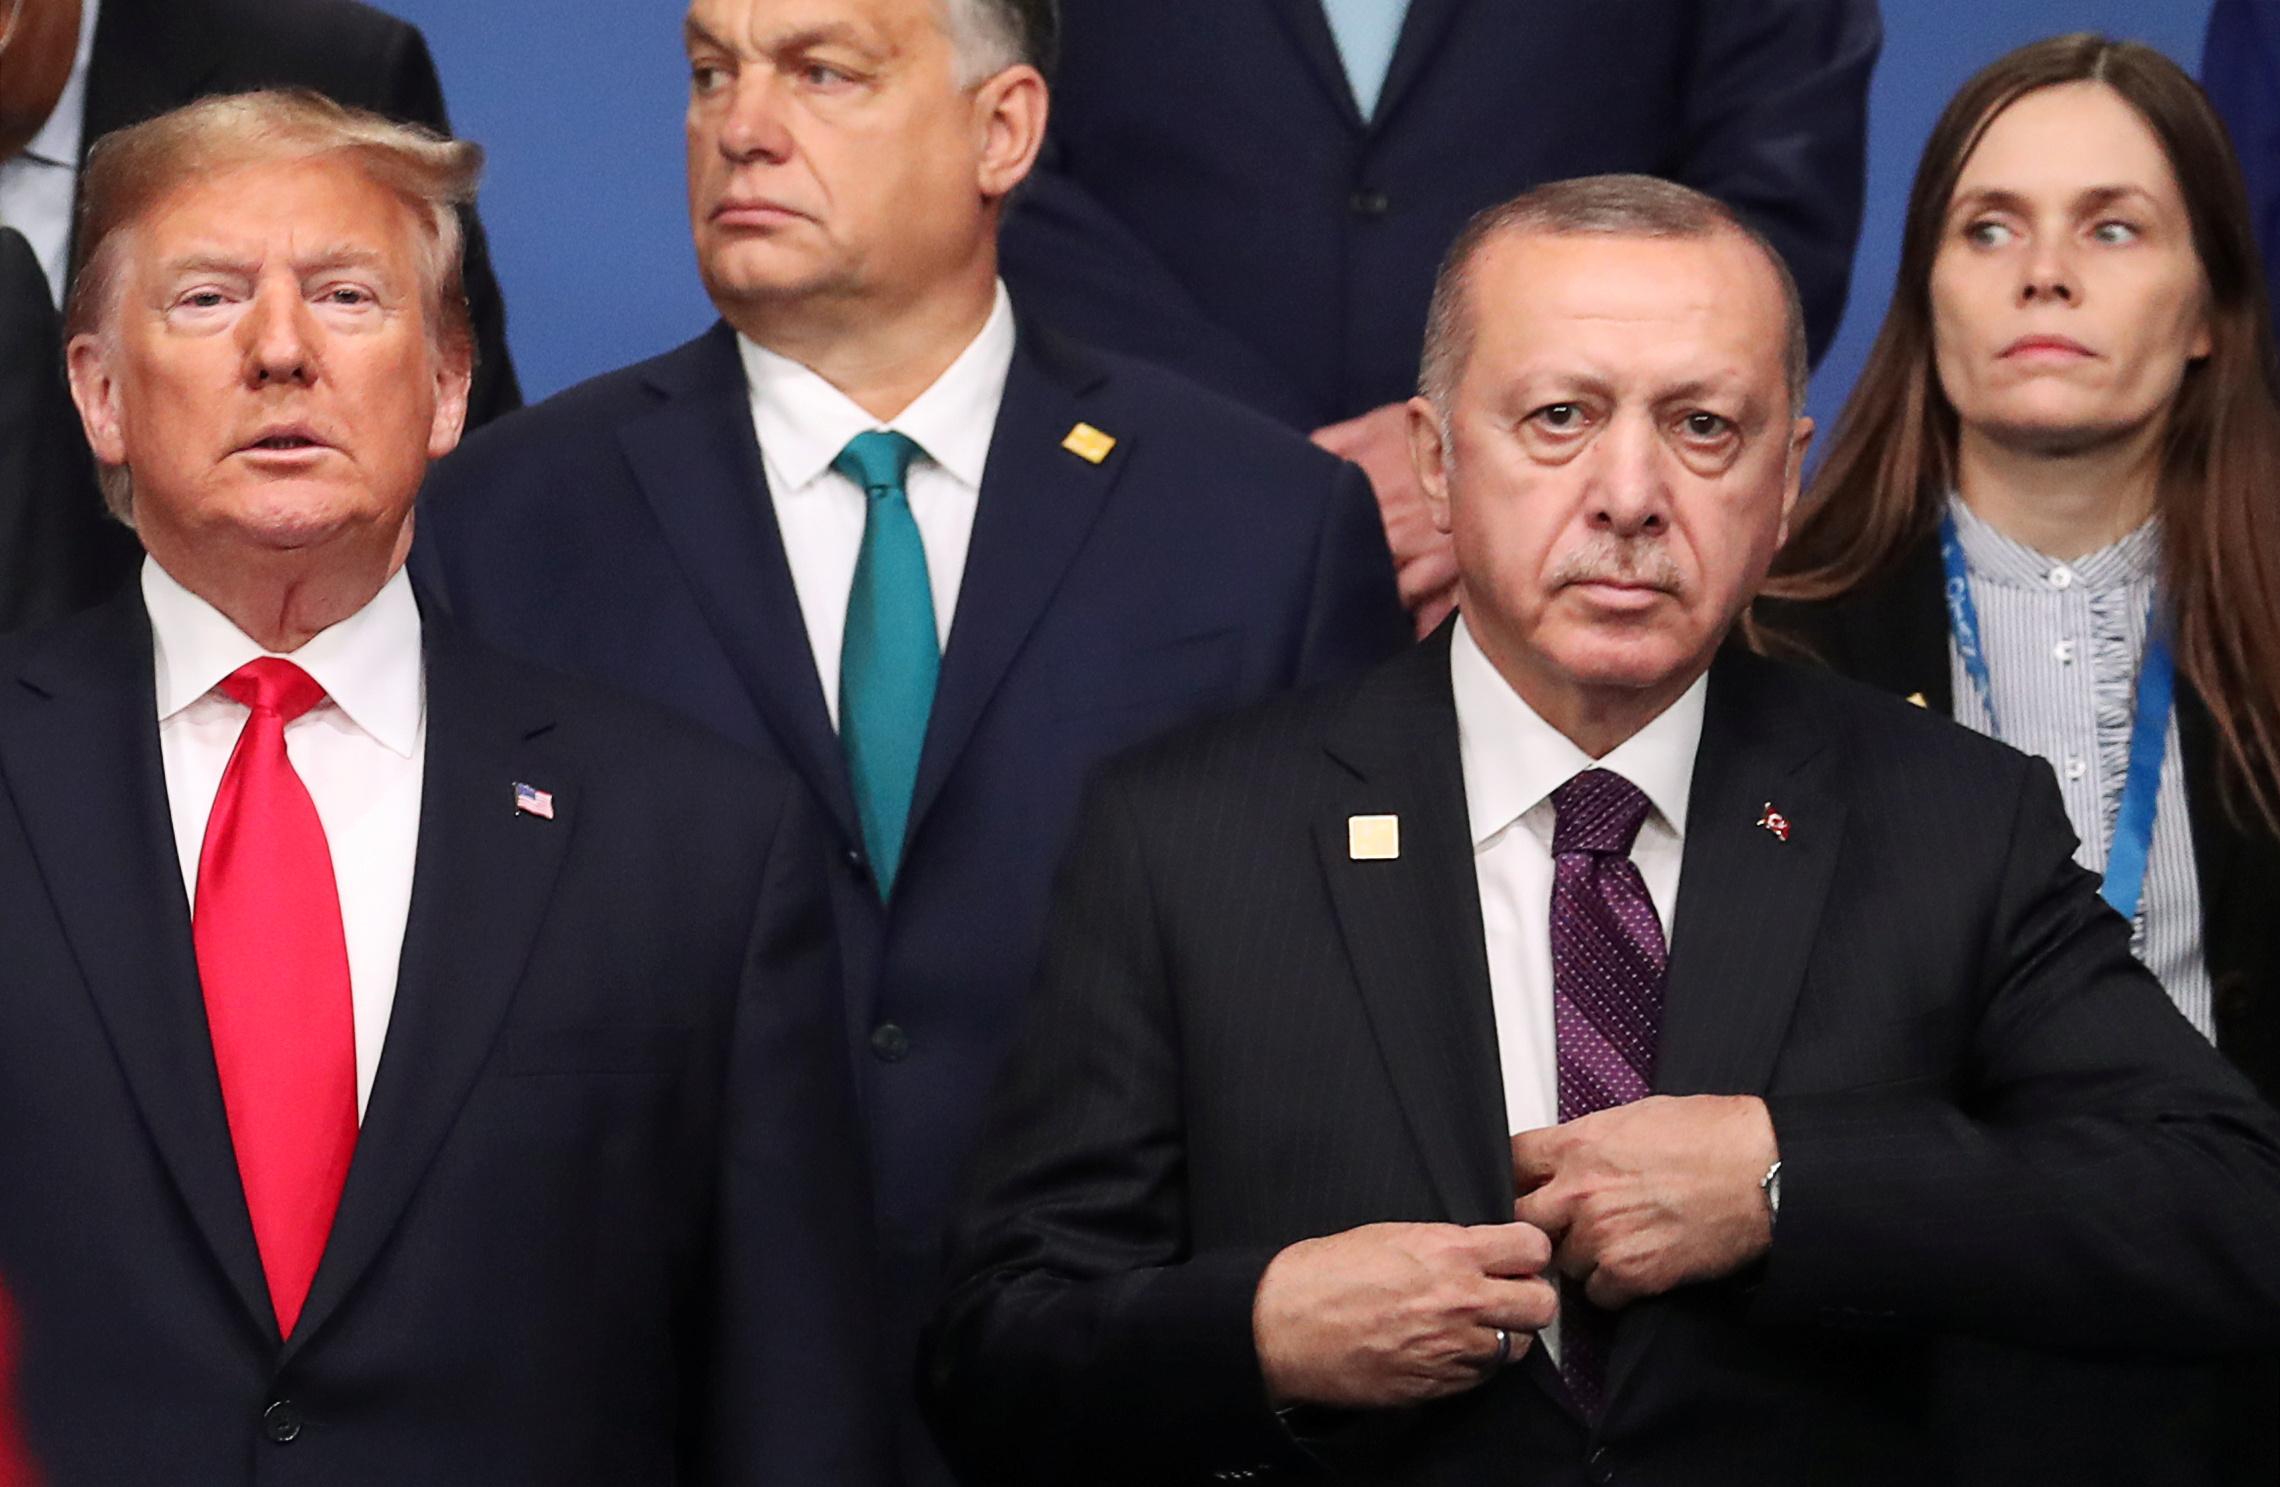 Τουρκία: Κυρώσεις για Συρία και S400 αποφάσισε η Γερουσία